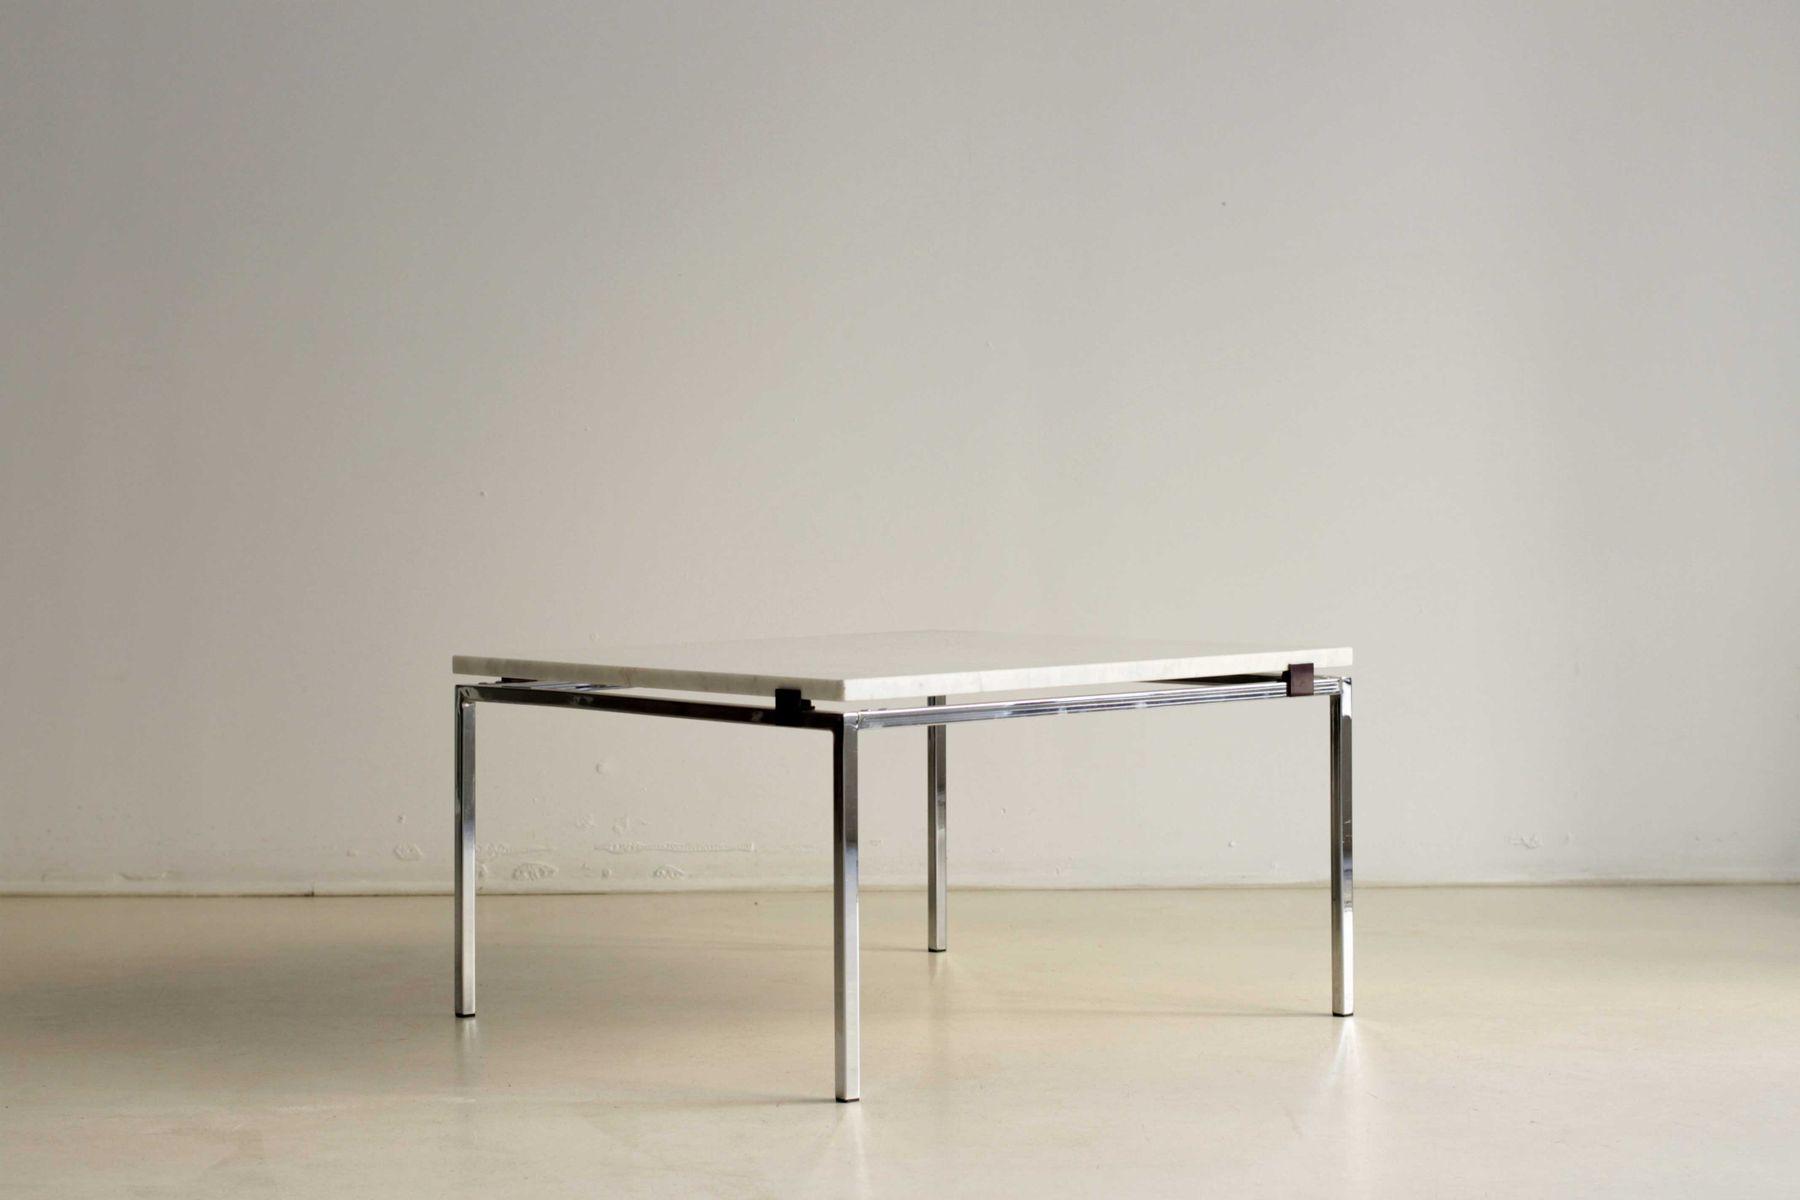 par Table Basse N°807 Alain Richard1950s qVpzGMSU